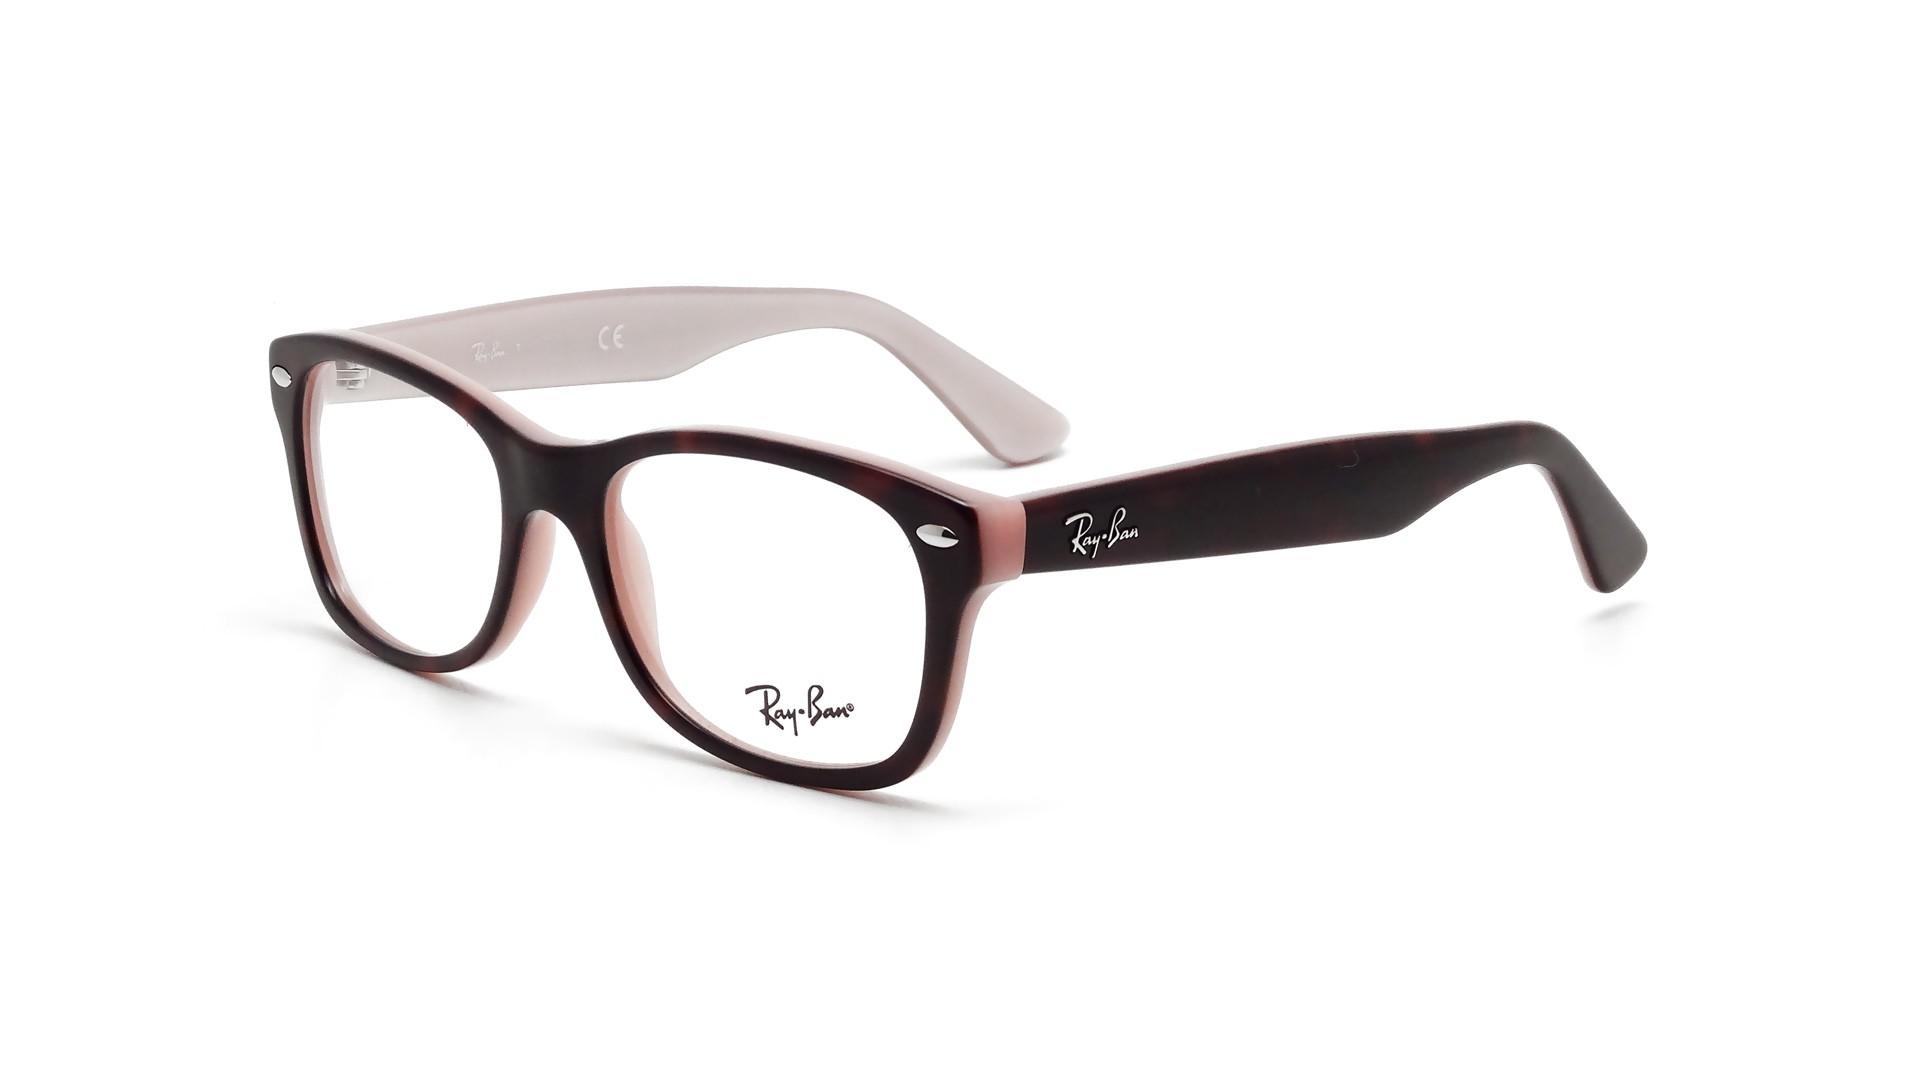 lunettes de vue ray ban chez afflelou